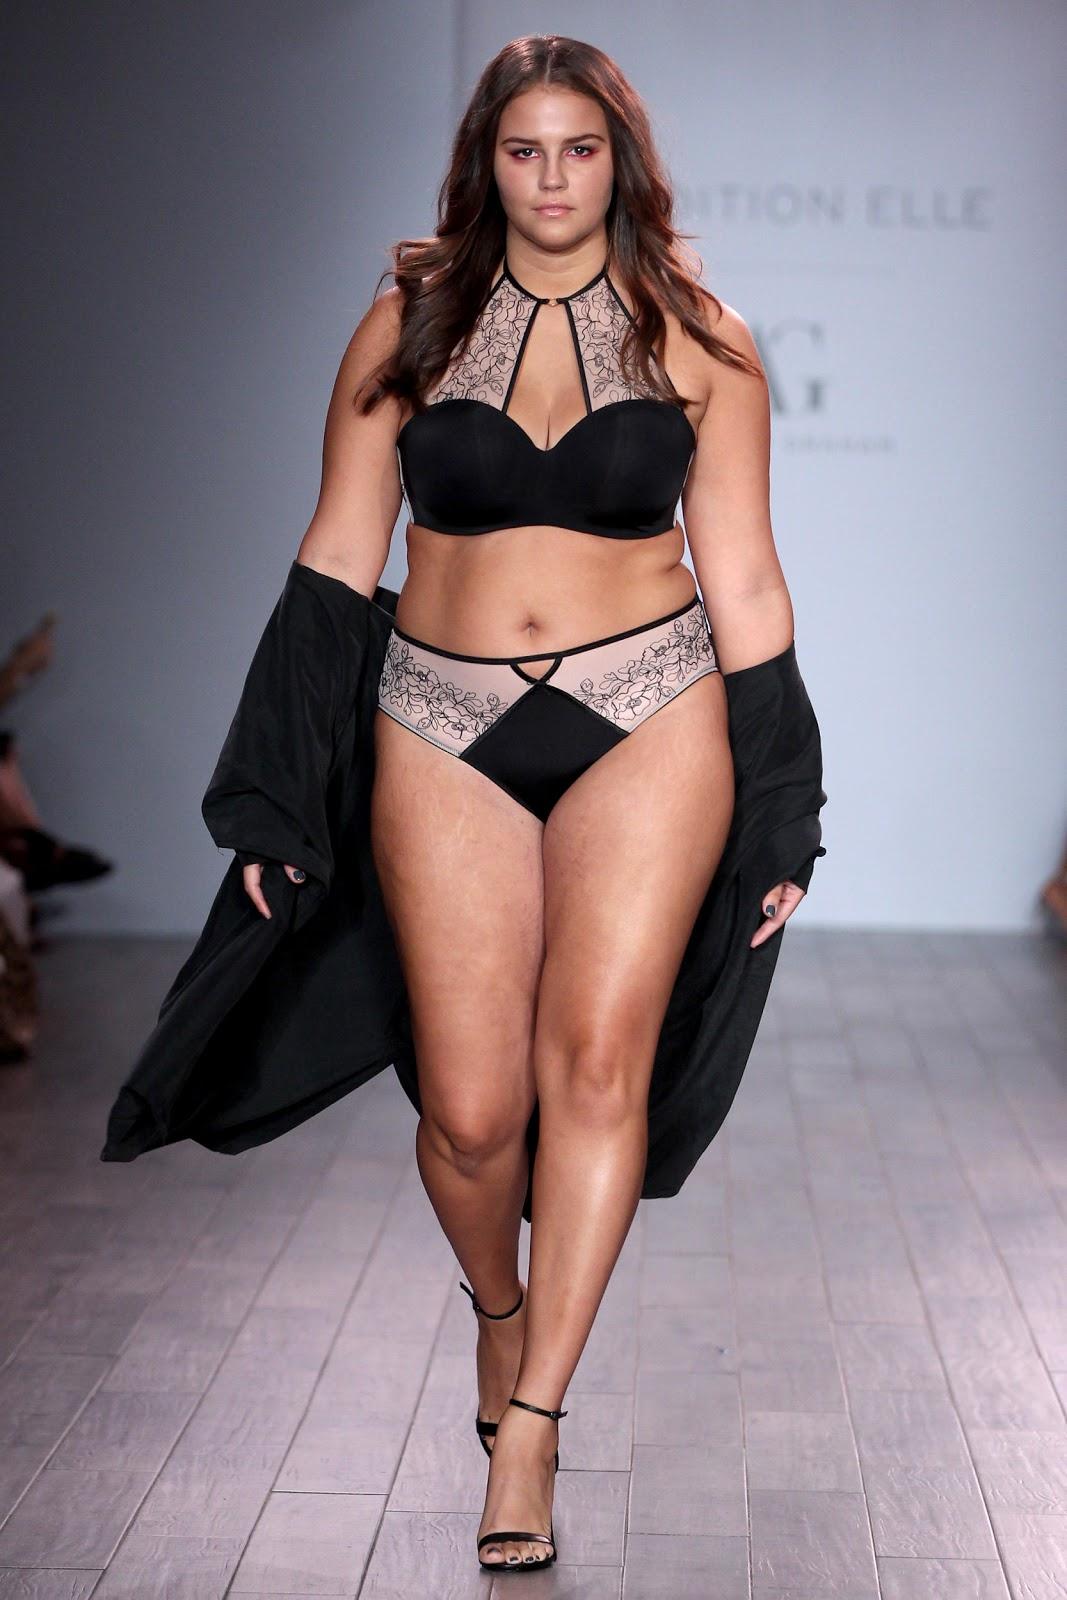 парни могут дефиле толстушек в нижнем белье аппартаменты проститутки